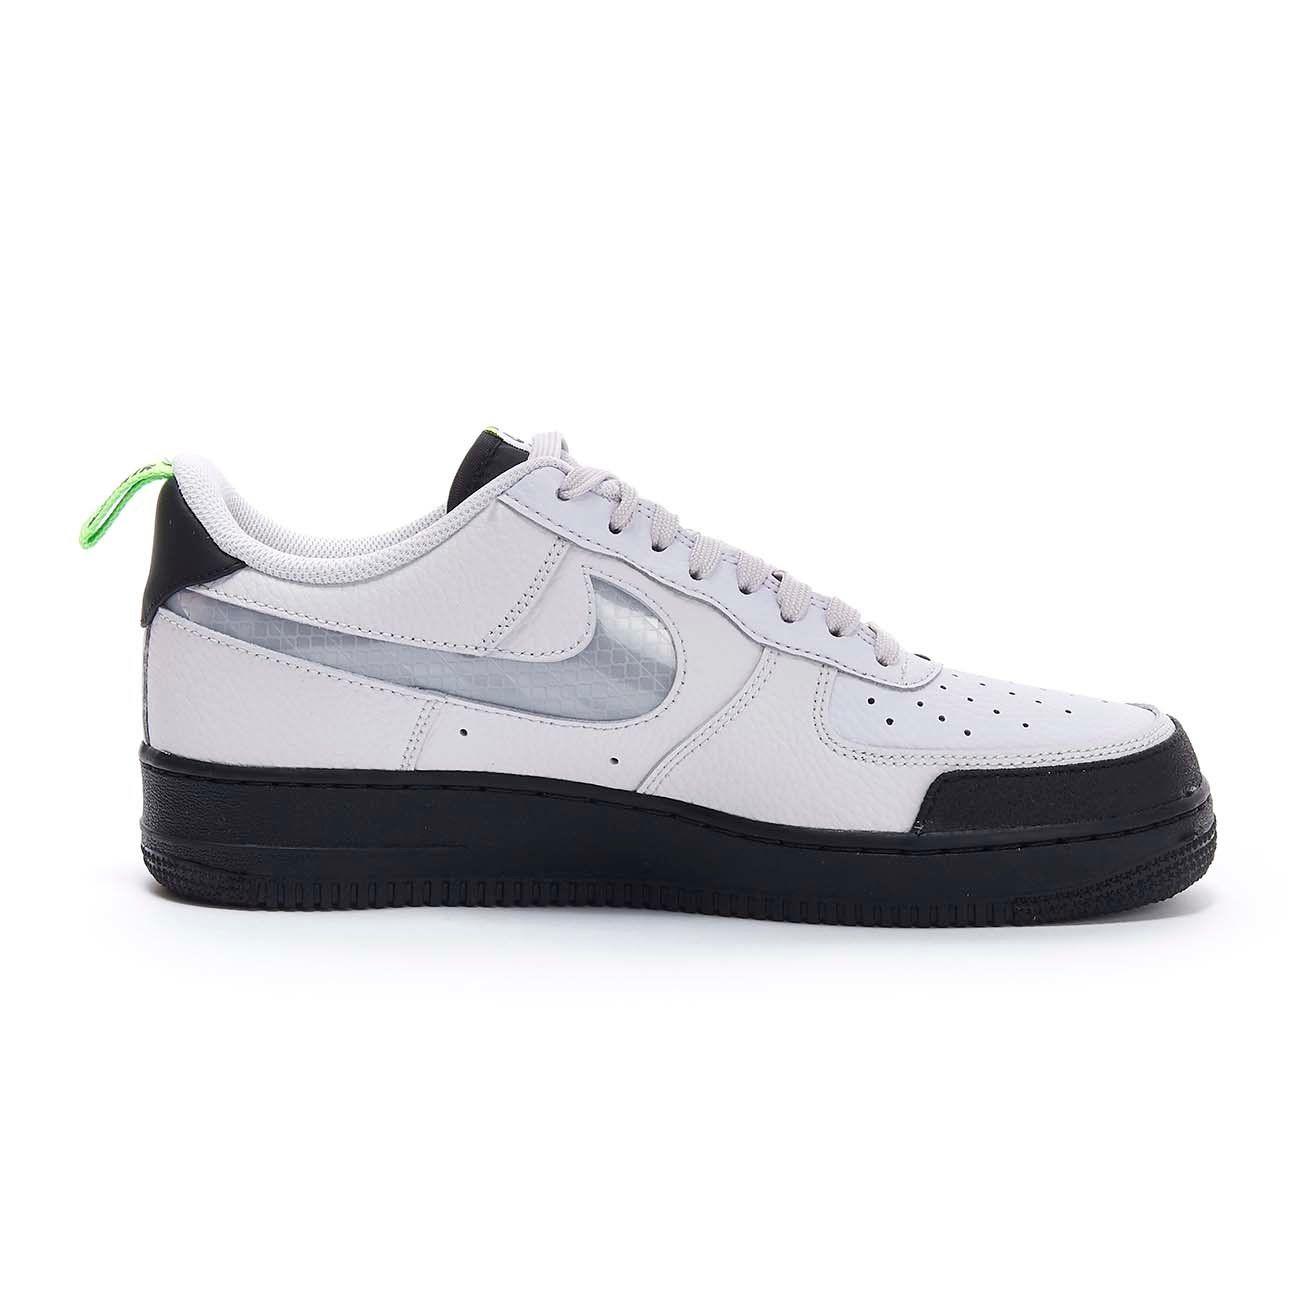 Nike Air Force 1 07 LV8 Indigo White/Obsidian-White